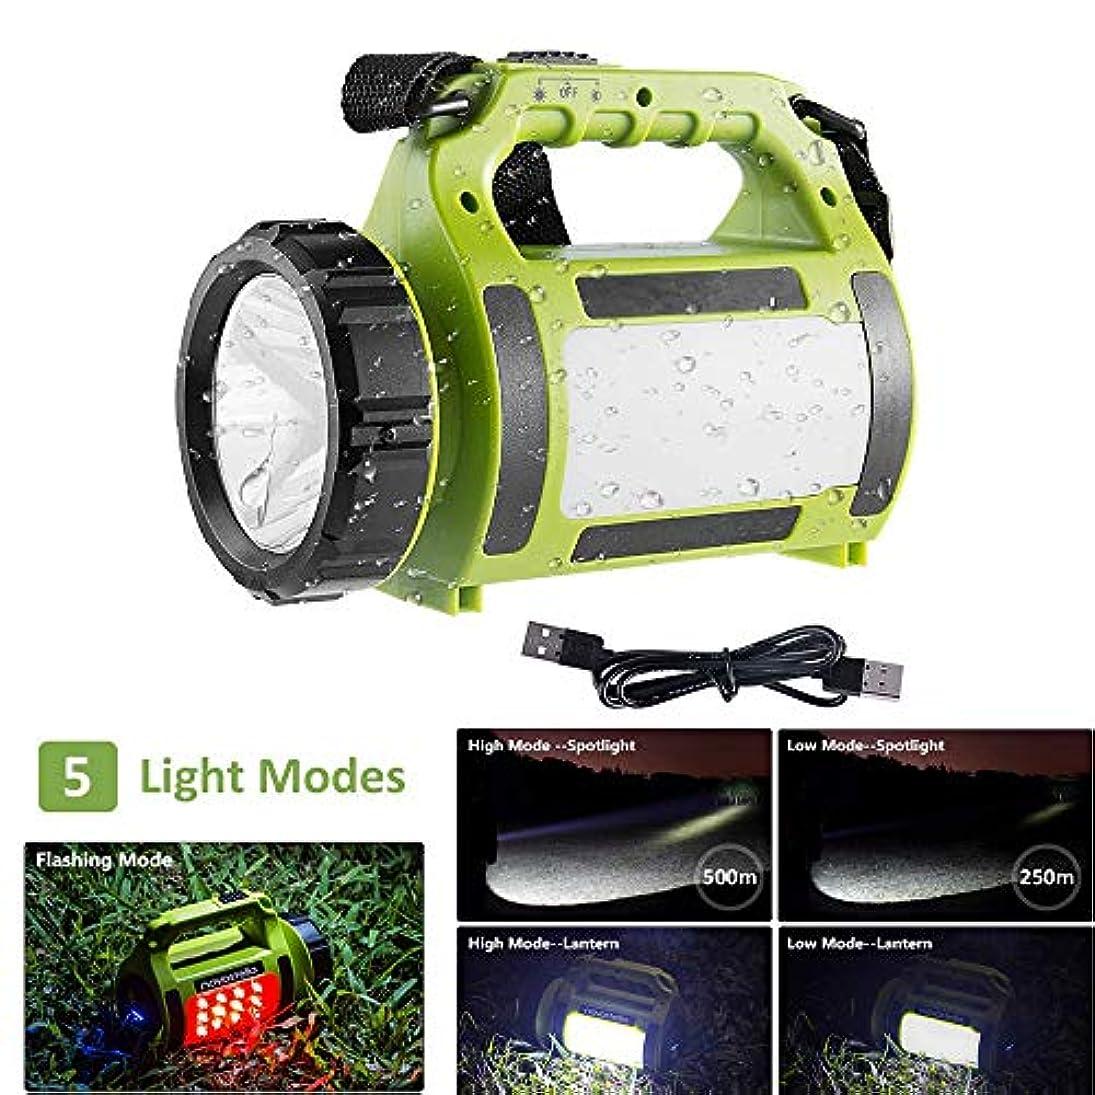 メールを書く偶然の食べるポータブル充電式LEDトーチ、多機能キャンプライト、LEDサーチライト防水スポットライト、非常ランプ軽量のランタン650lm、アウトドア用ハイキング